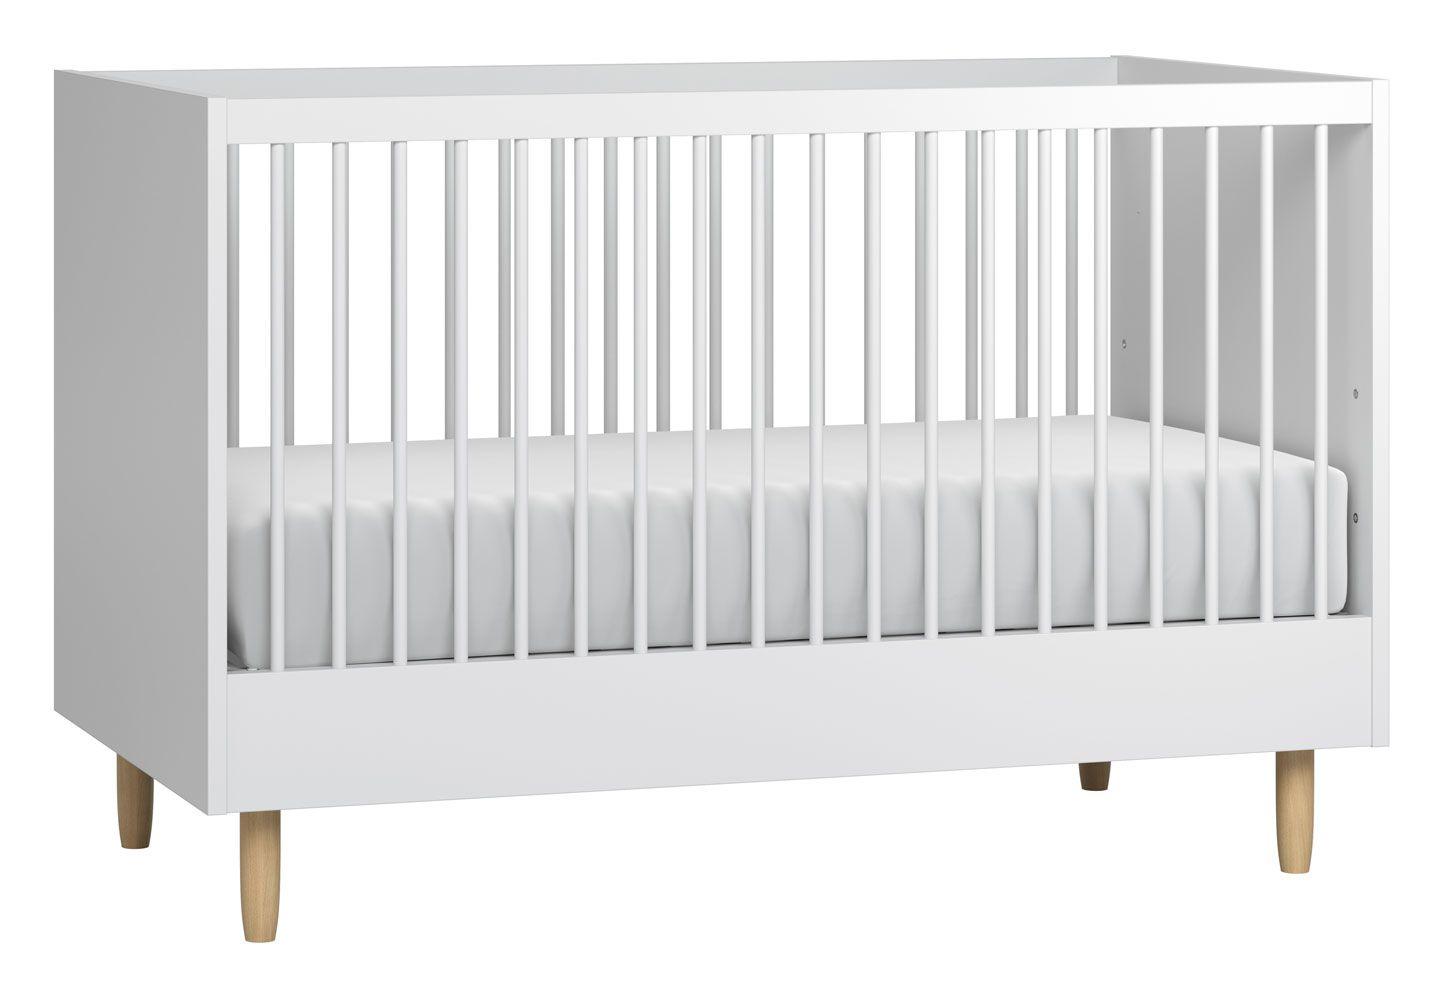 Babybett / Gitterbett Maciel 08, Farbe: Eiche / Weiß - Liegefläche: 70 x 140 cm (B x L)